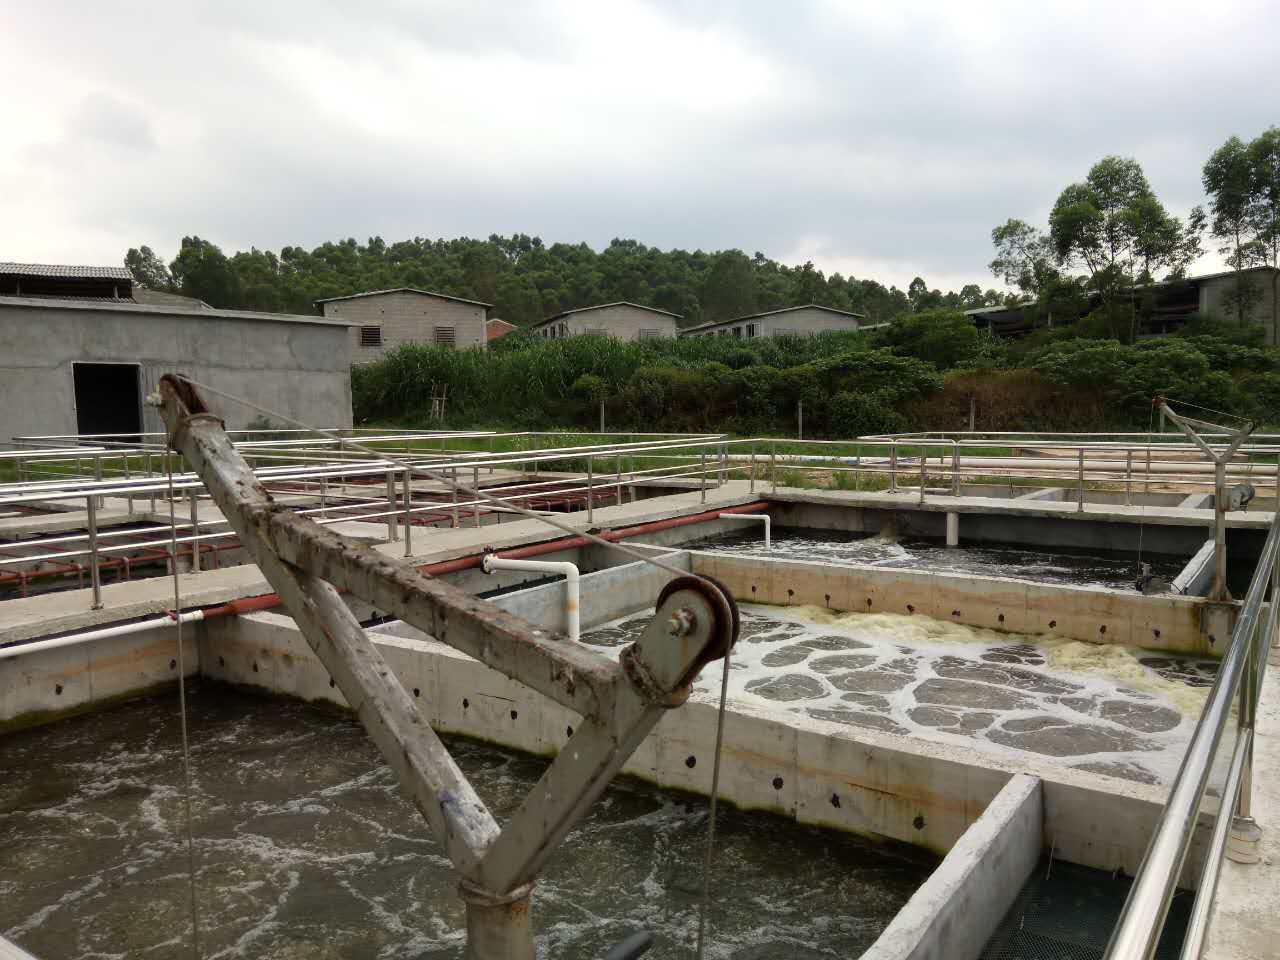 养猪废水处理亚博体育yabo88亚博体育官方网 养殖废水